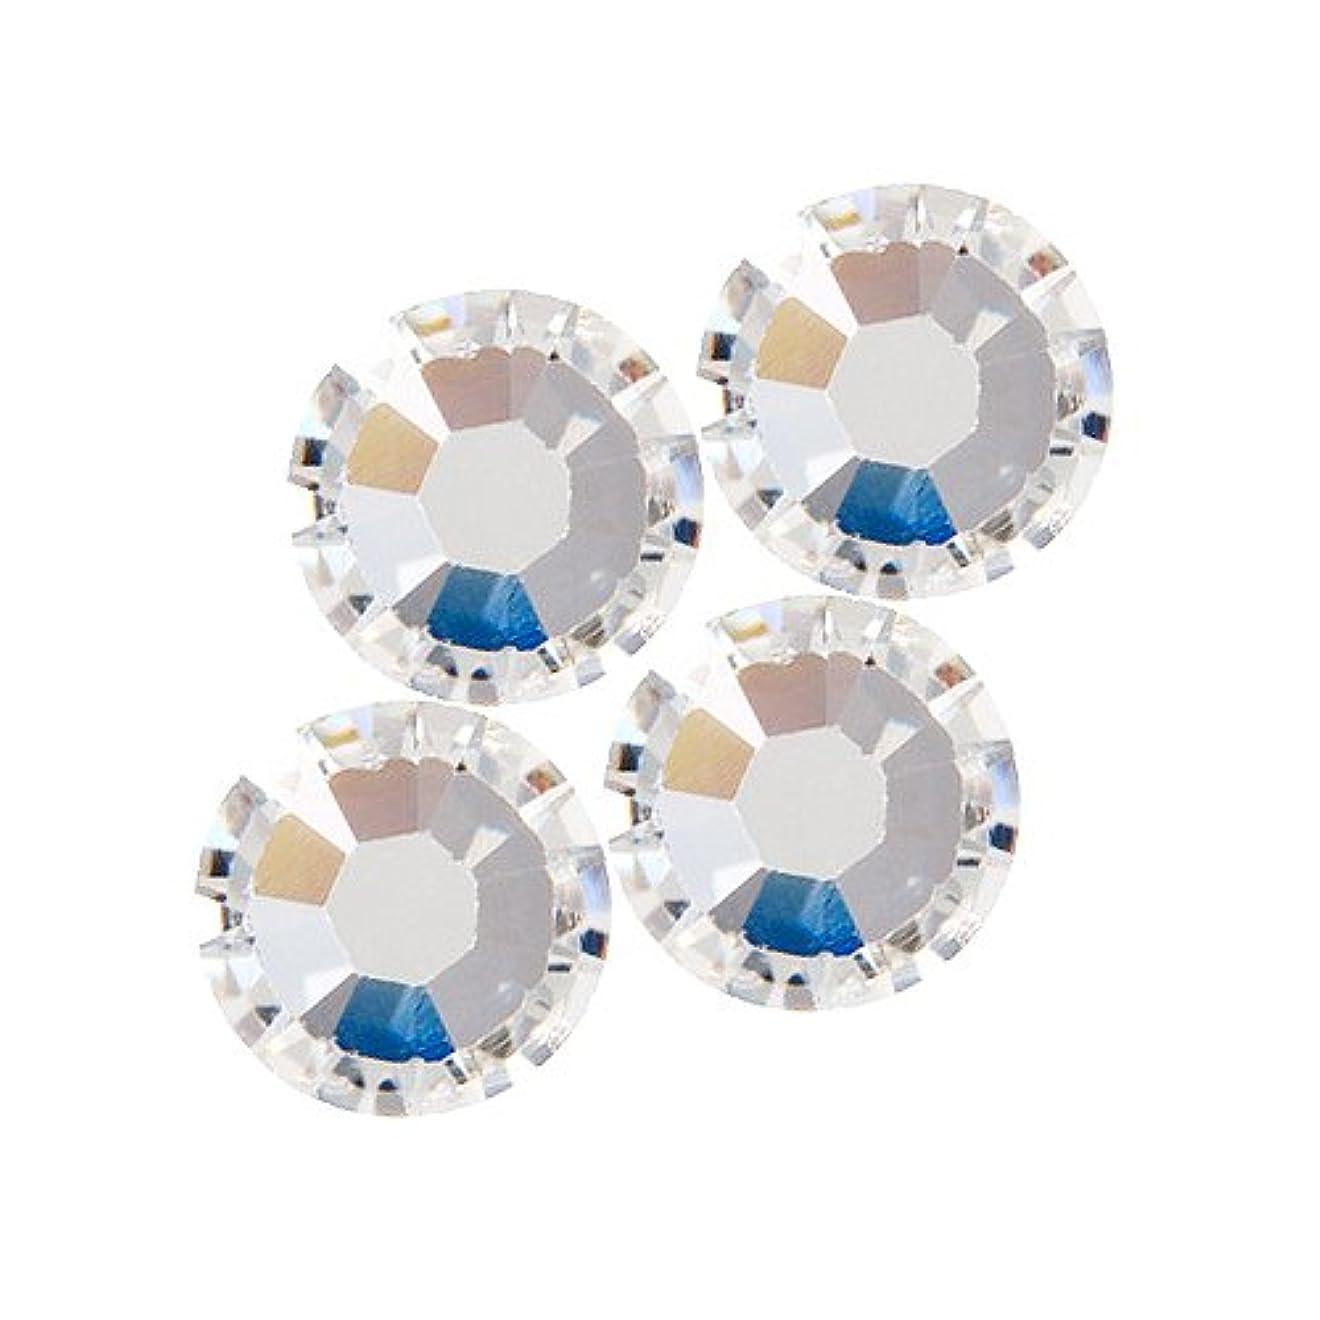 カーテンギャラントリー計器バイナル DIAMOND RHINESTONE  クリスタル SS3 1440粒 ST-SS3-CRY-10G